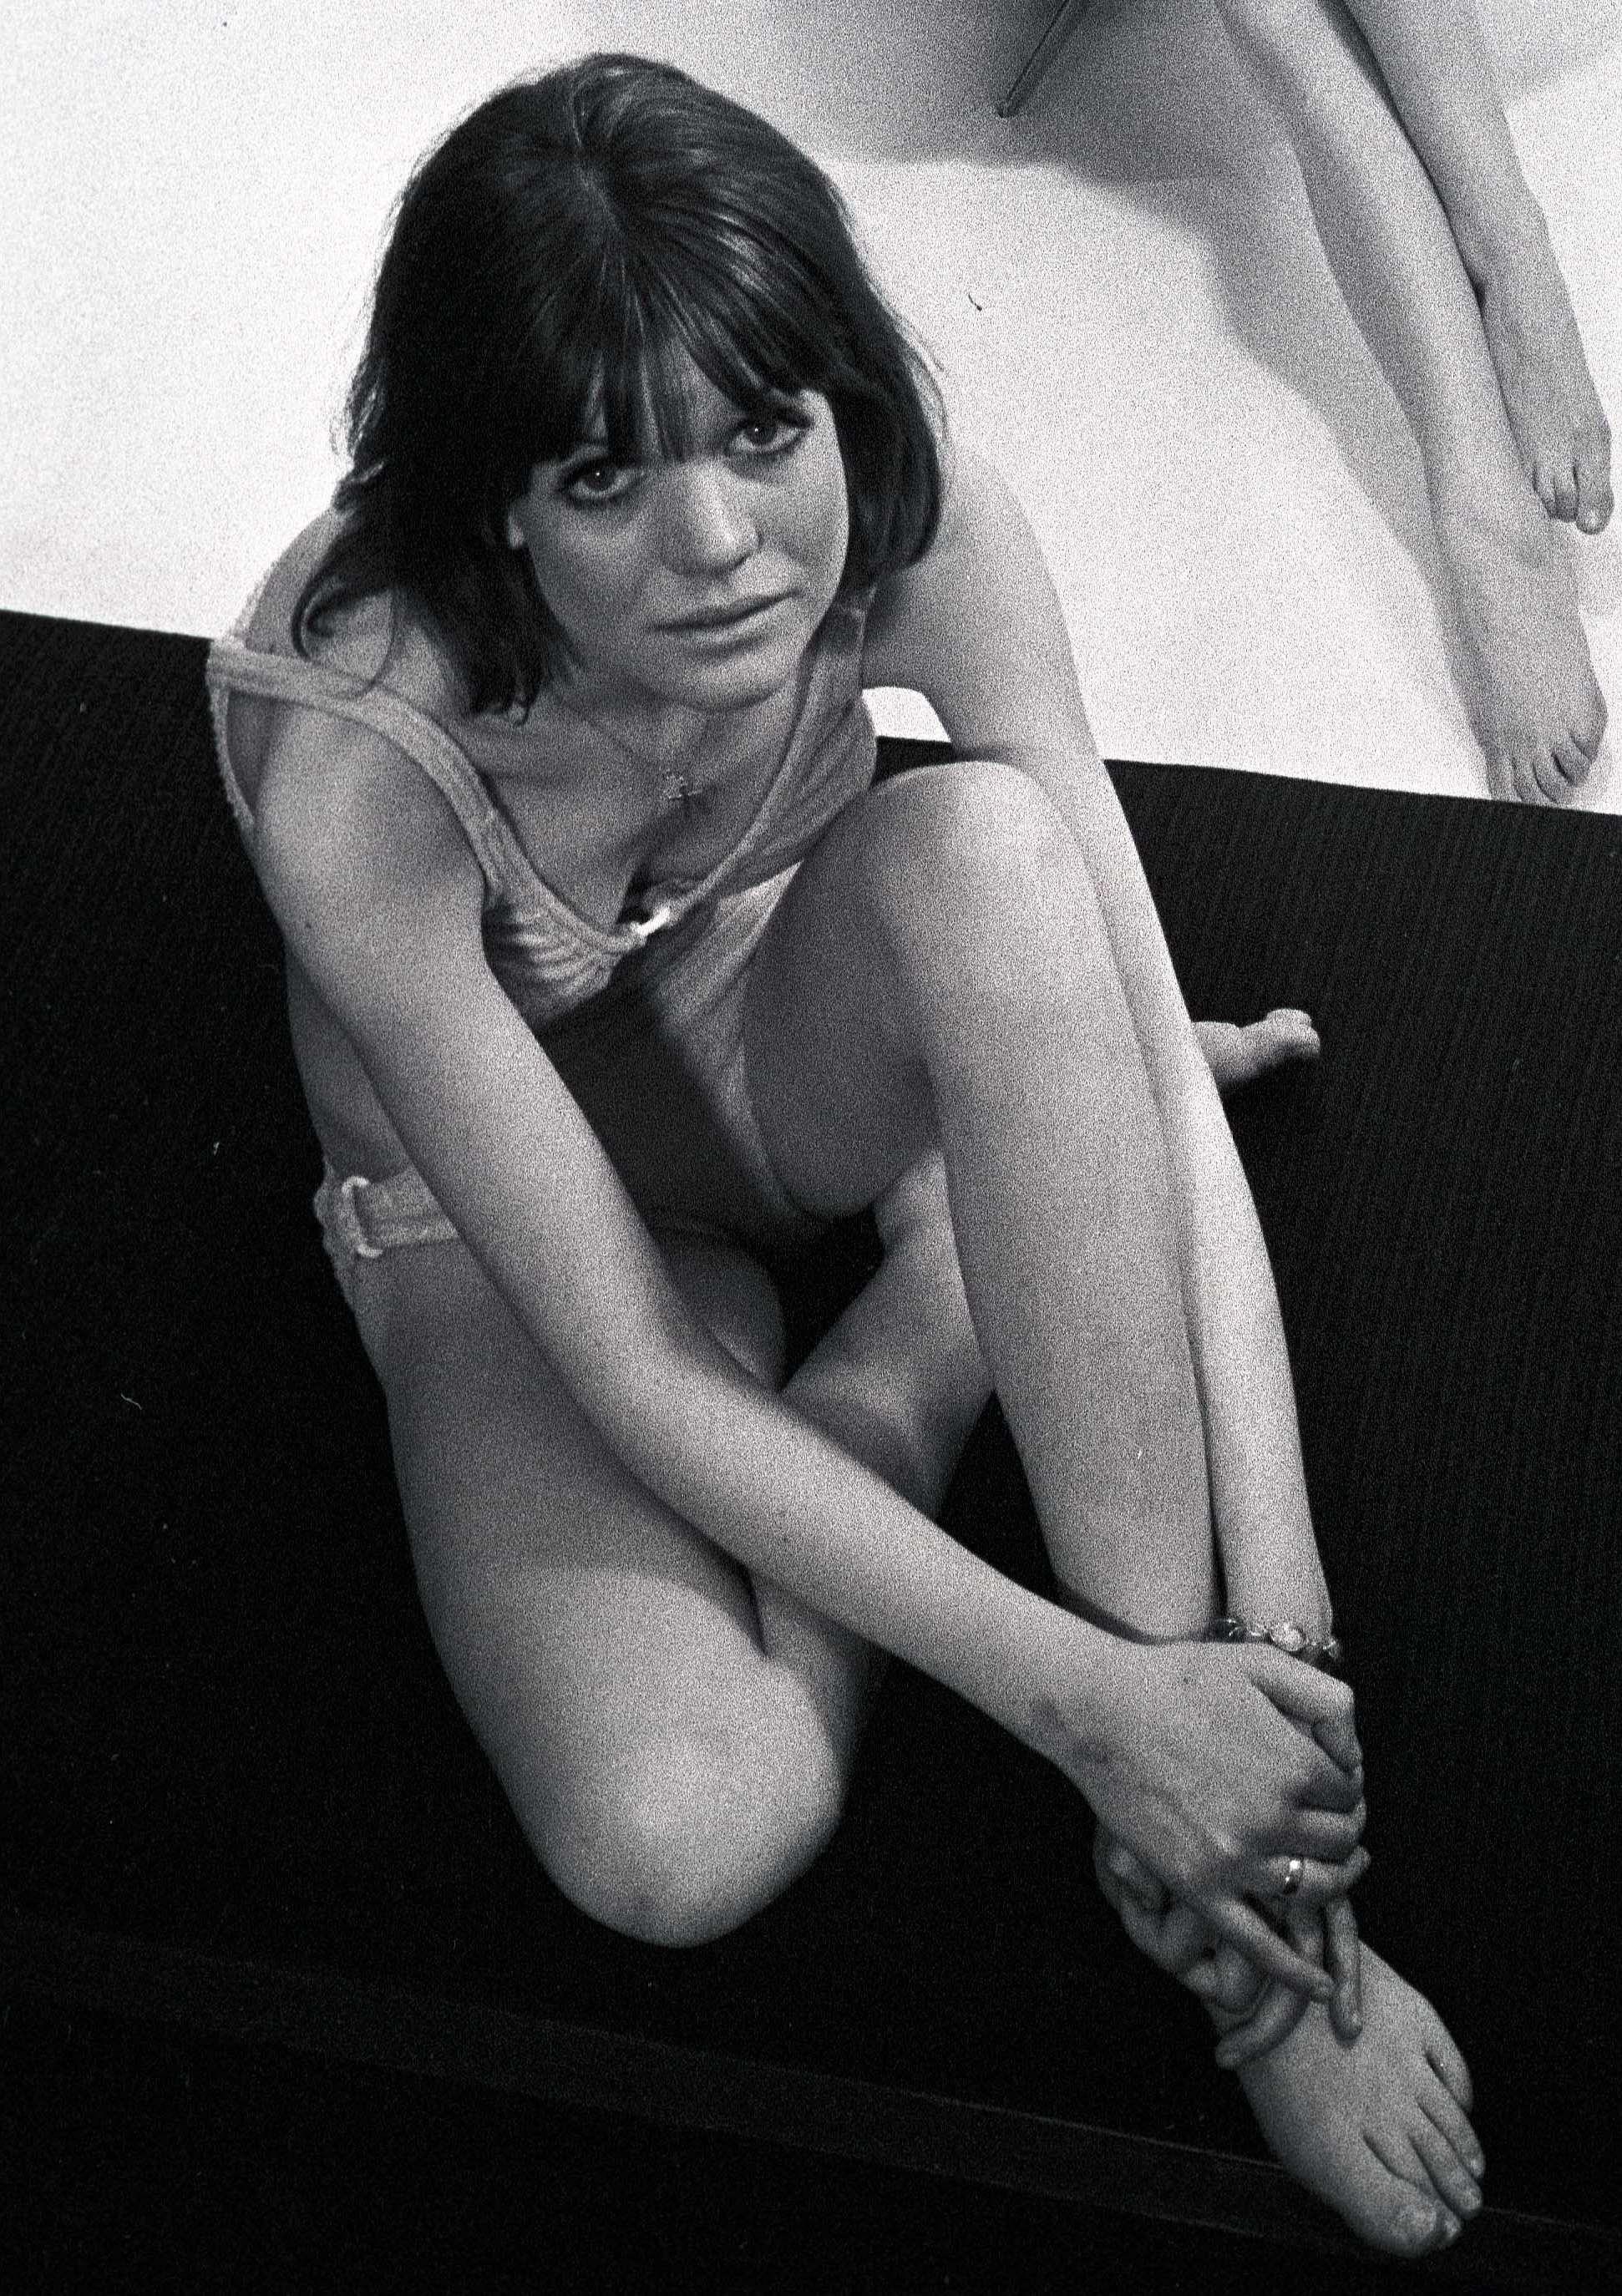 Judy geeson upskirt pics